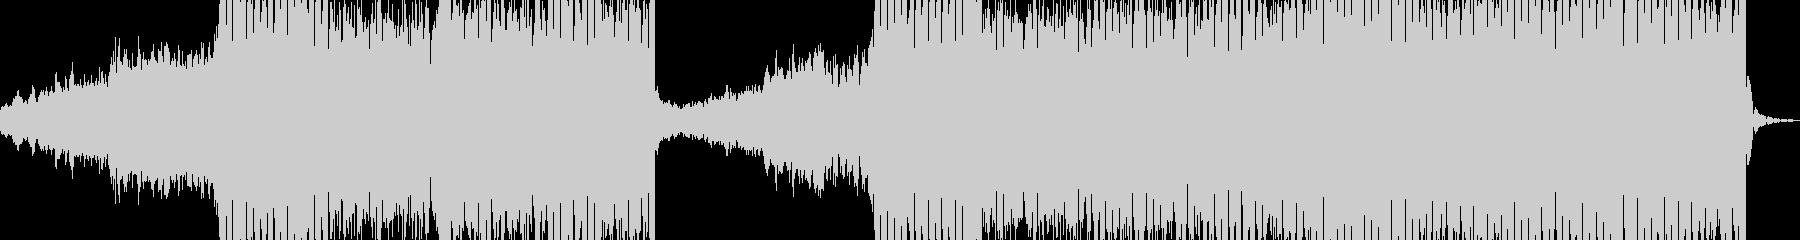 現代的 交響曲 ハウス ダンス プ...の未再生の波形